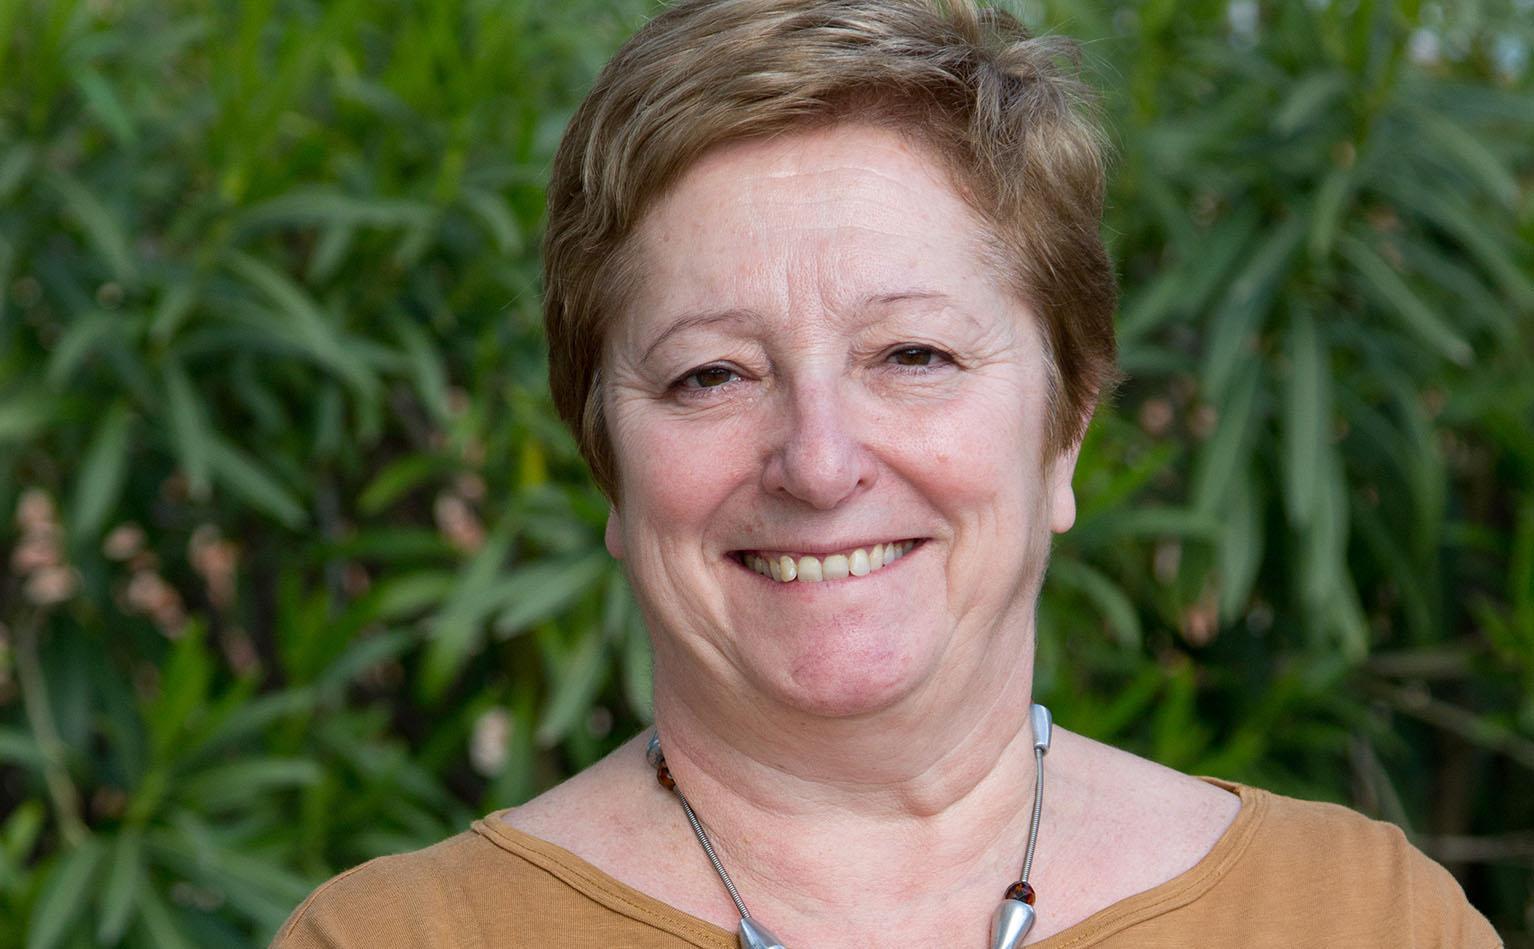 Eulalia Pérez Sedeño